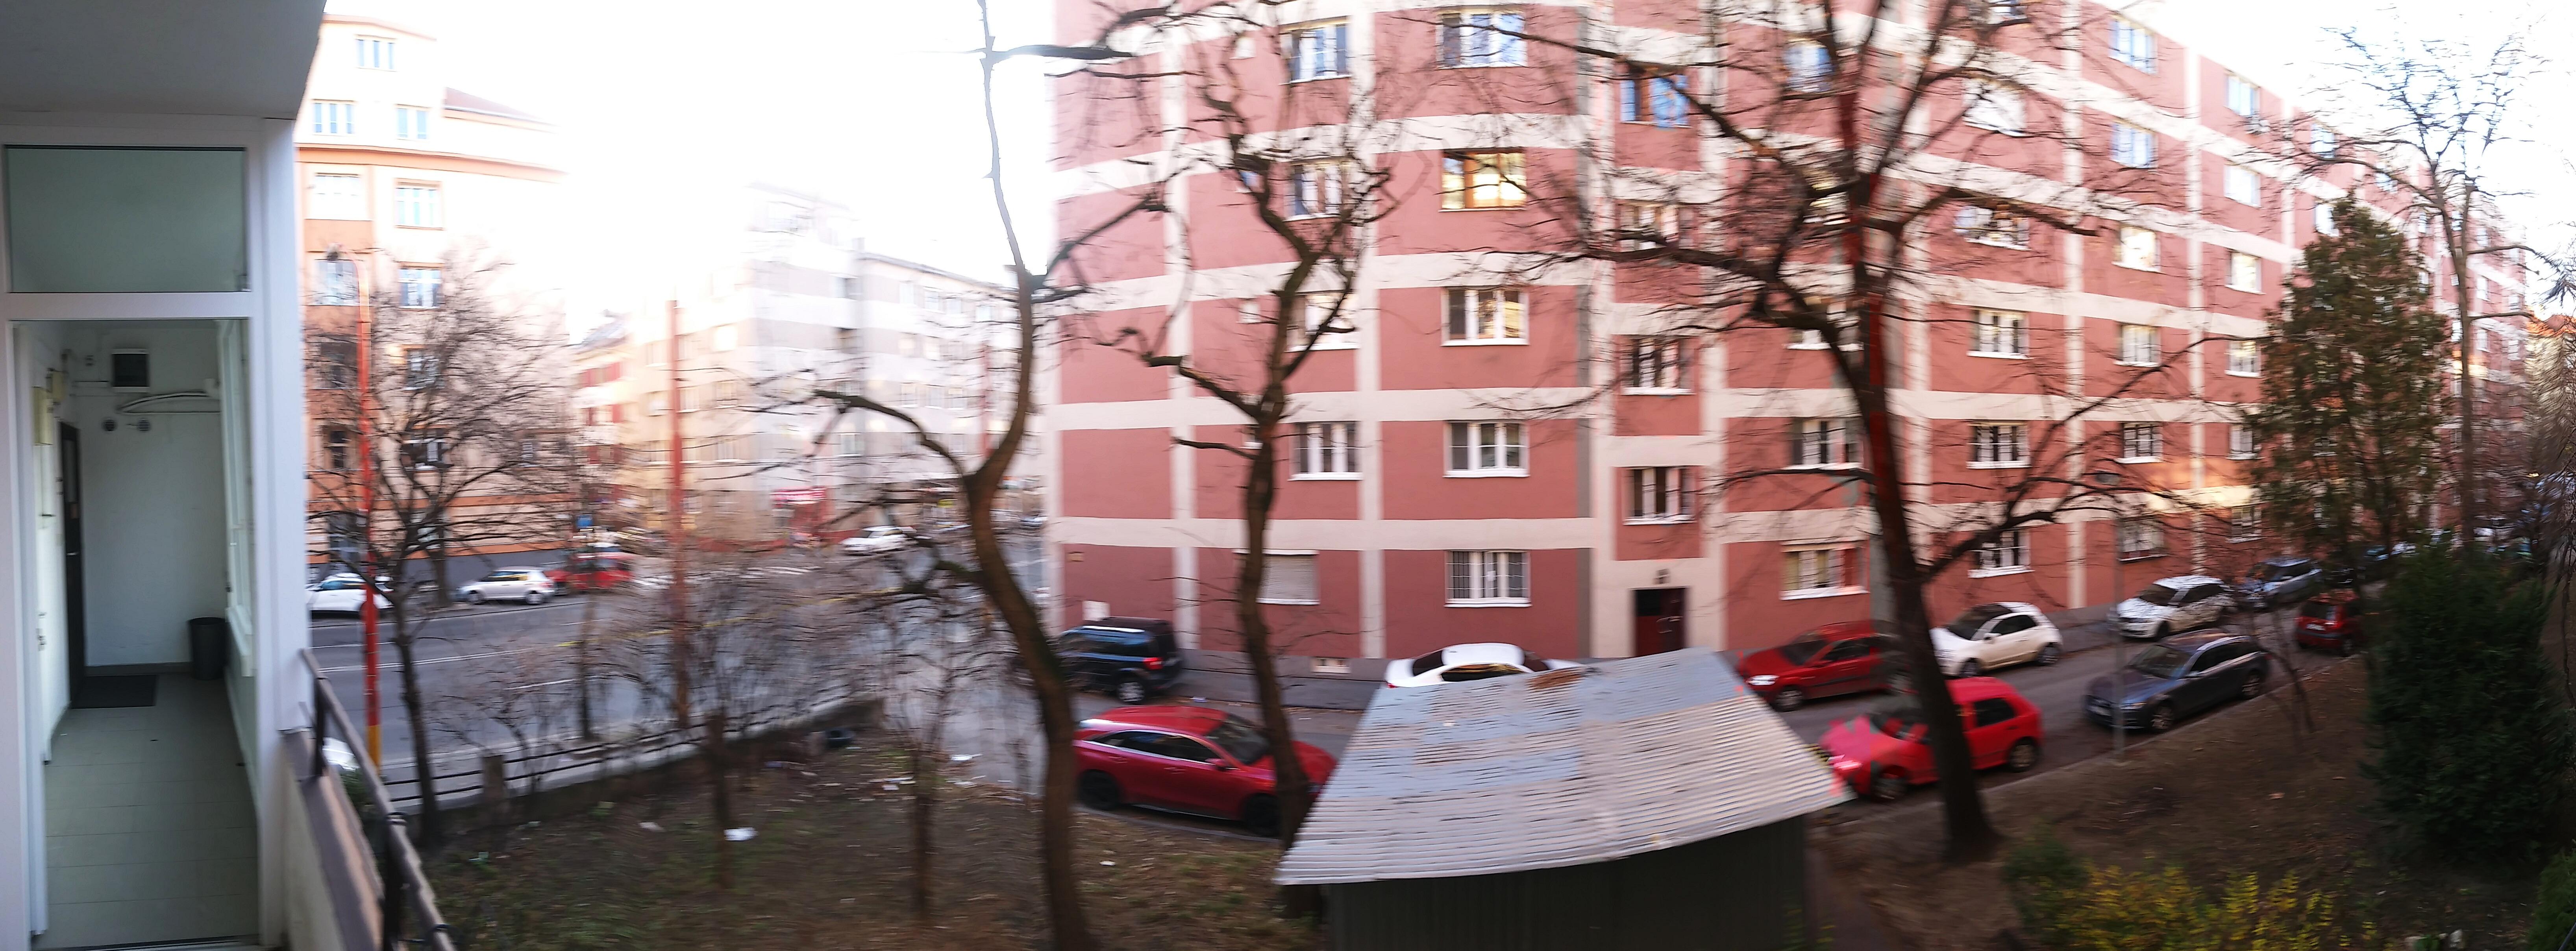 Prenajaté: Na prenájom exkluzívne 2 izb. byt, Staré mesto, Šancová ulica, Bratislava, 75m2, kompletne zariadený-7